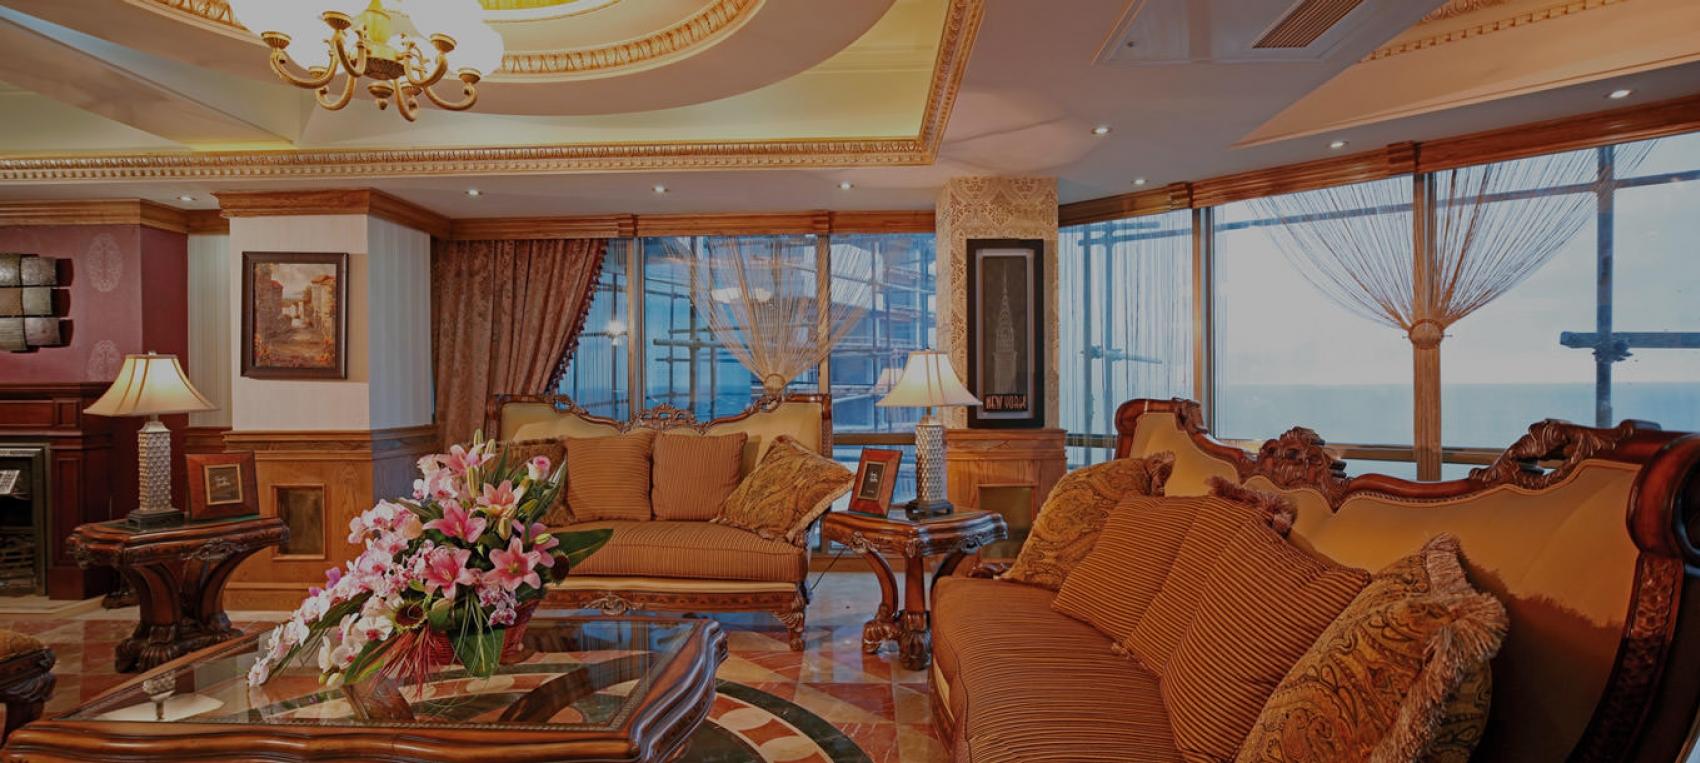 امکانات ویژه برجهای مسکونی، تجاری و هتل